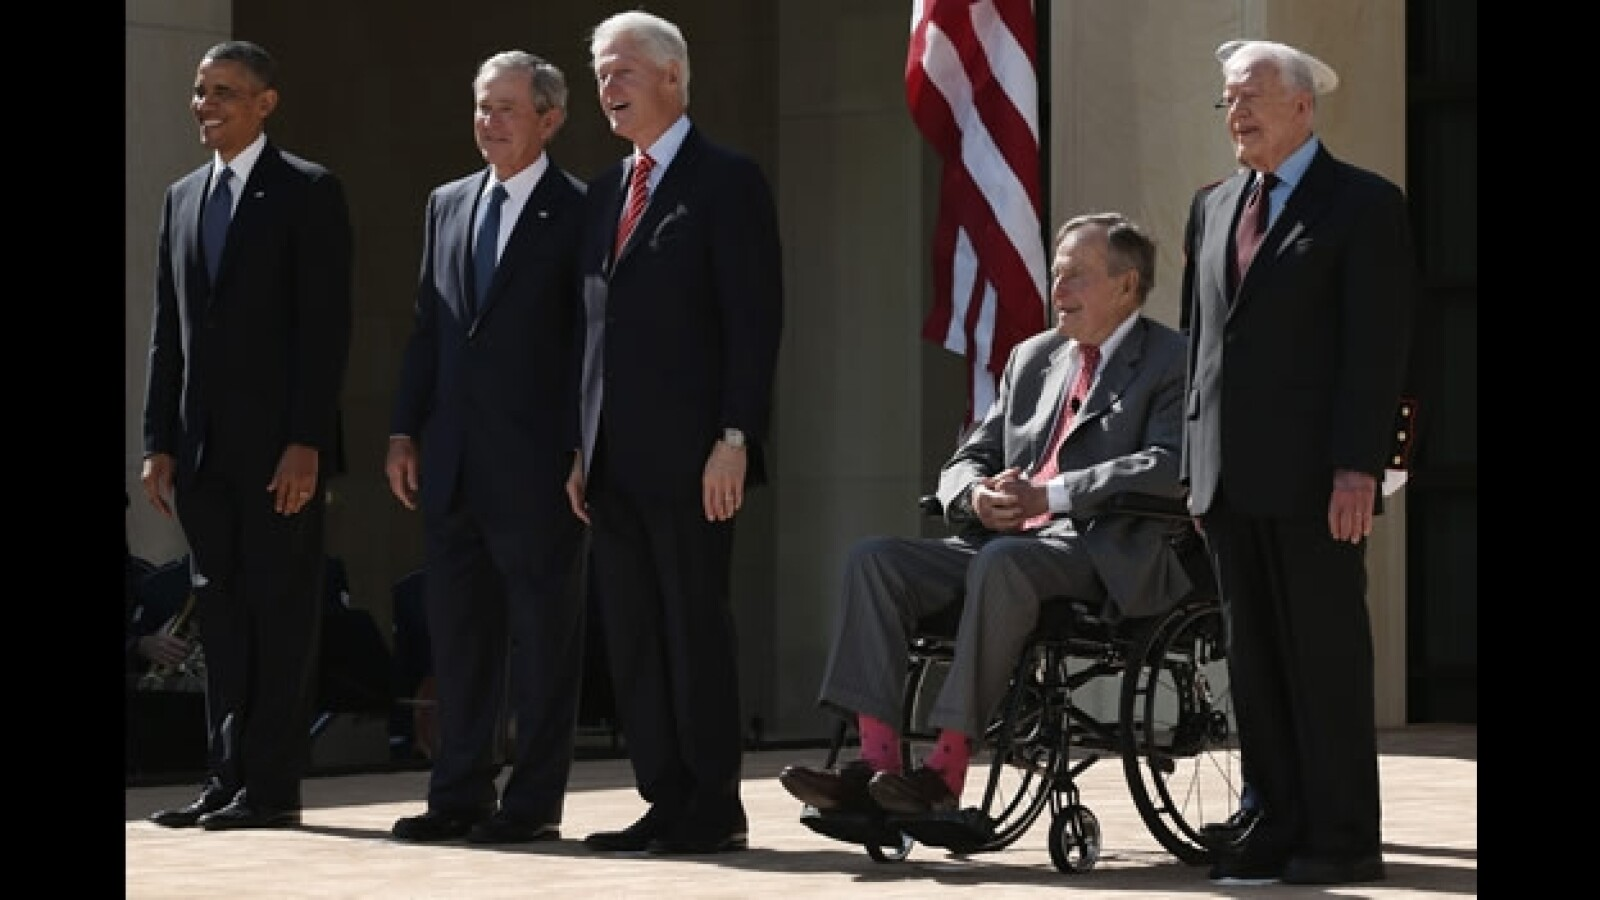 presidentes de EU juntos 1